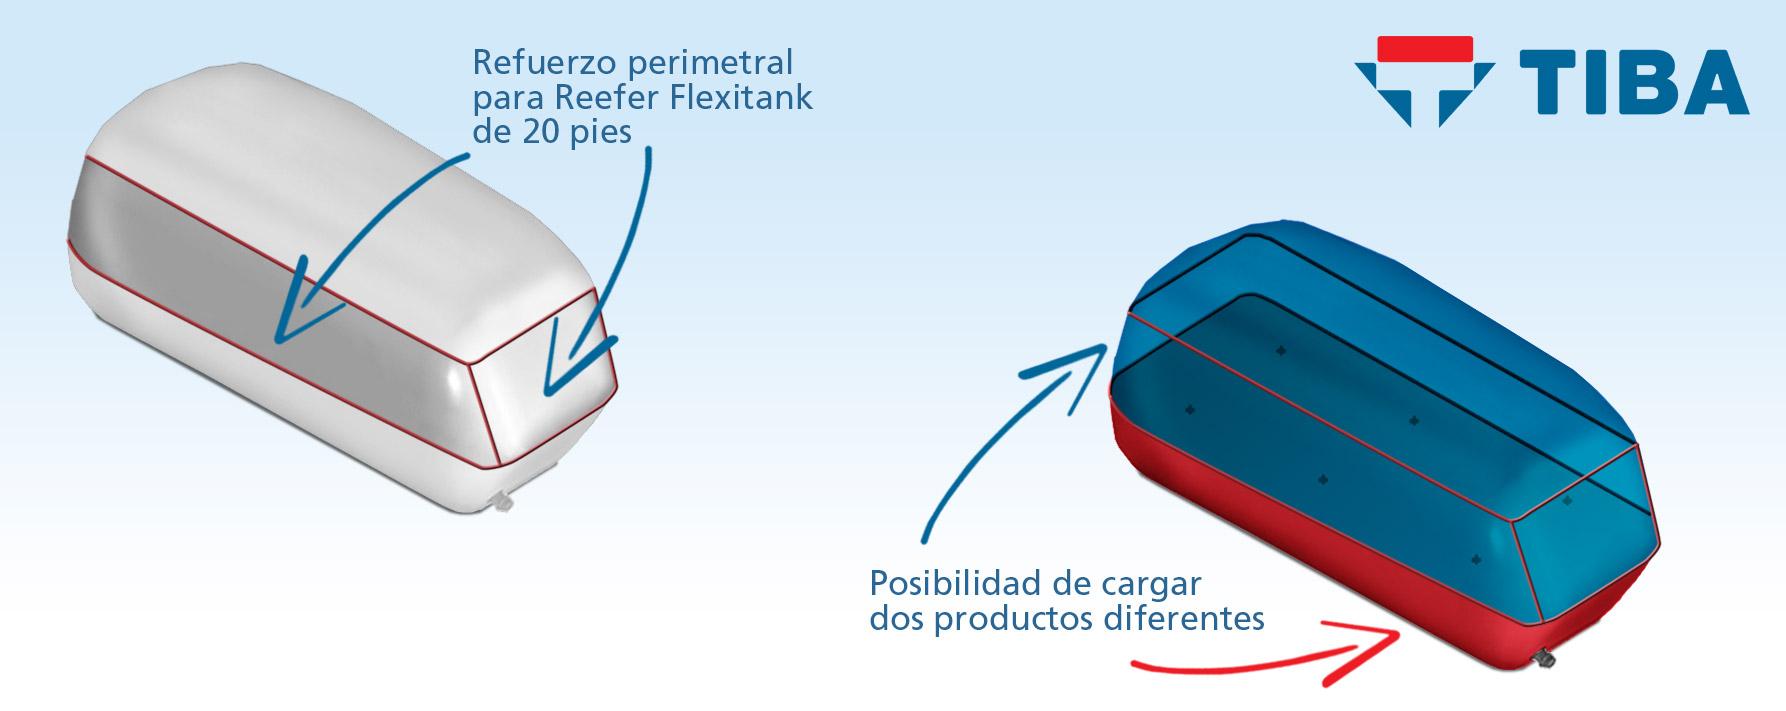 Refuerzo / Dos productos 20p - Reefer Flexitank